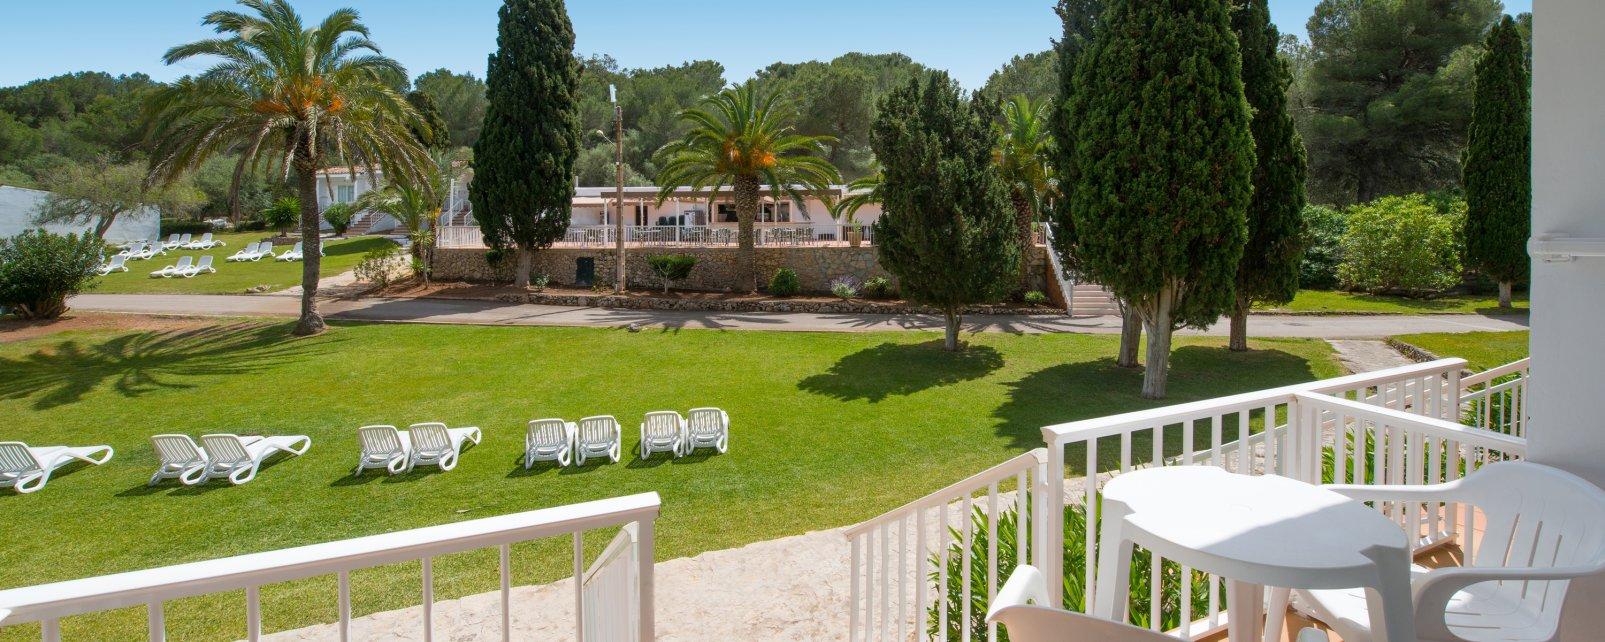 Hôtel Club Tropicana Mallorca